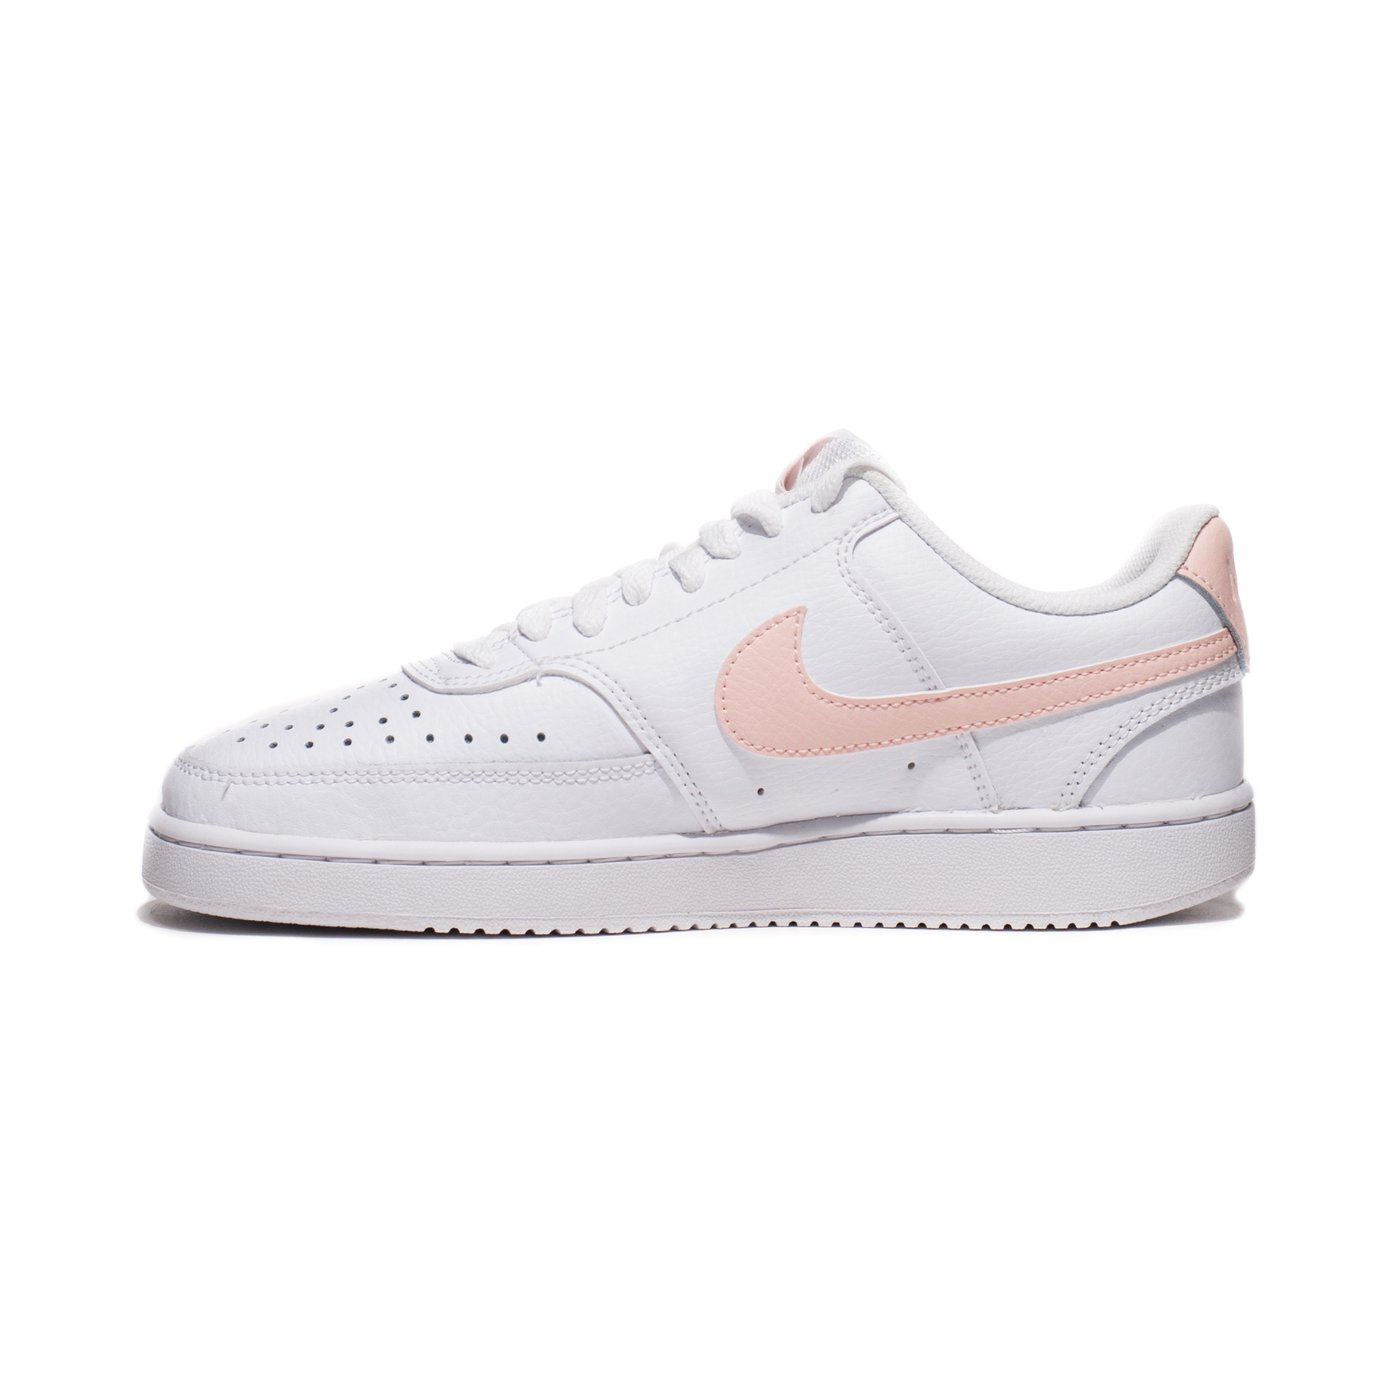 Кросівки жіночі Nike COURT VISION LOW